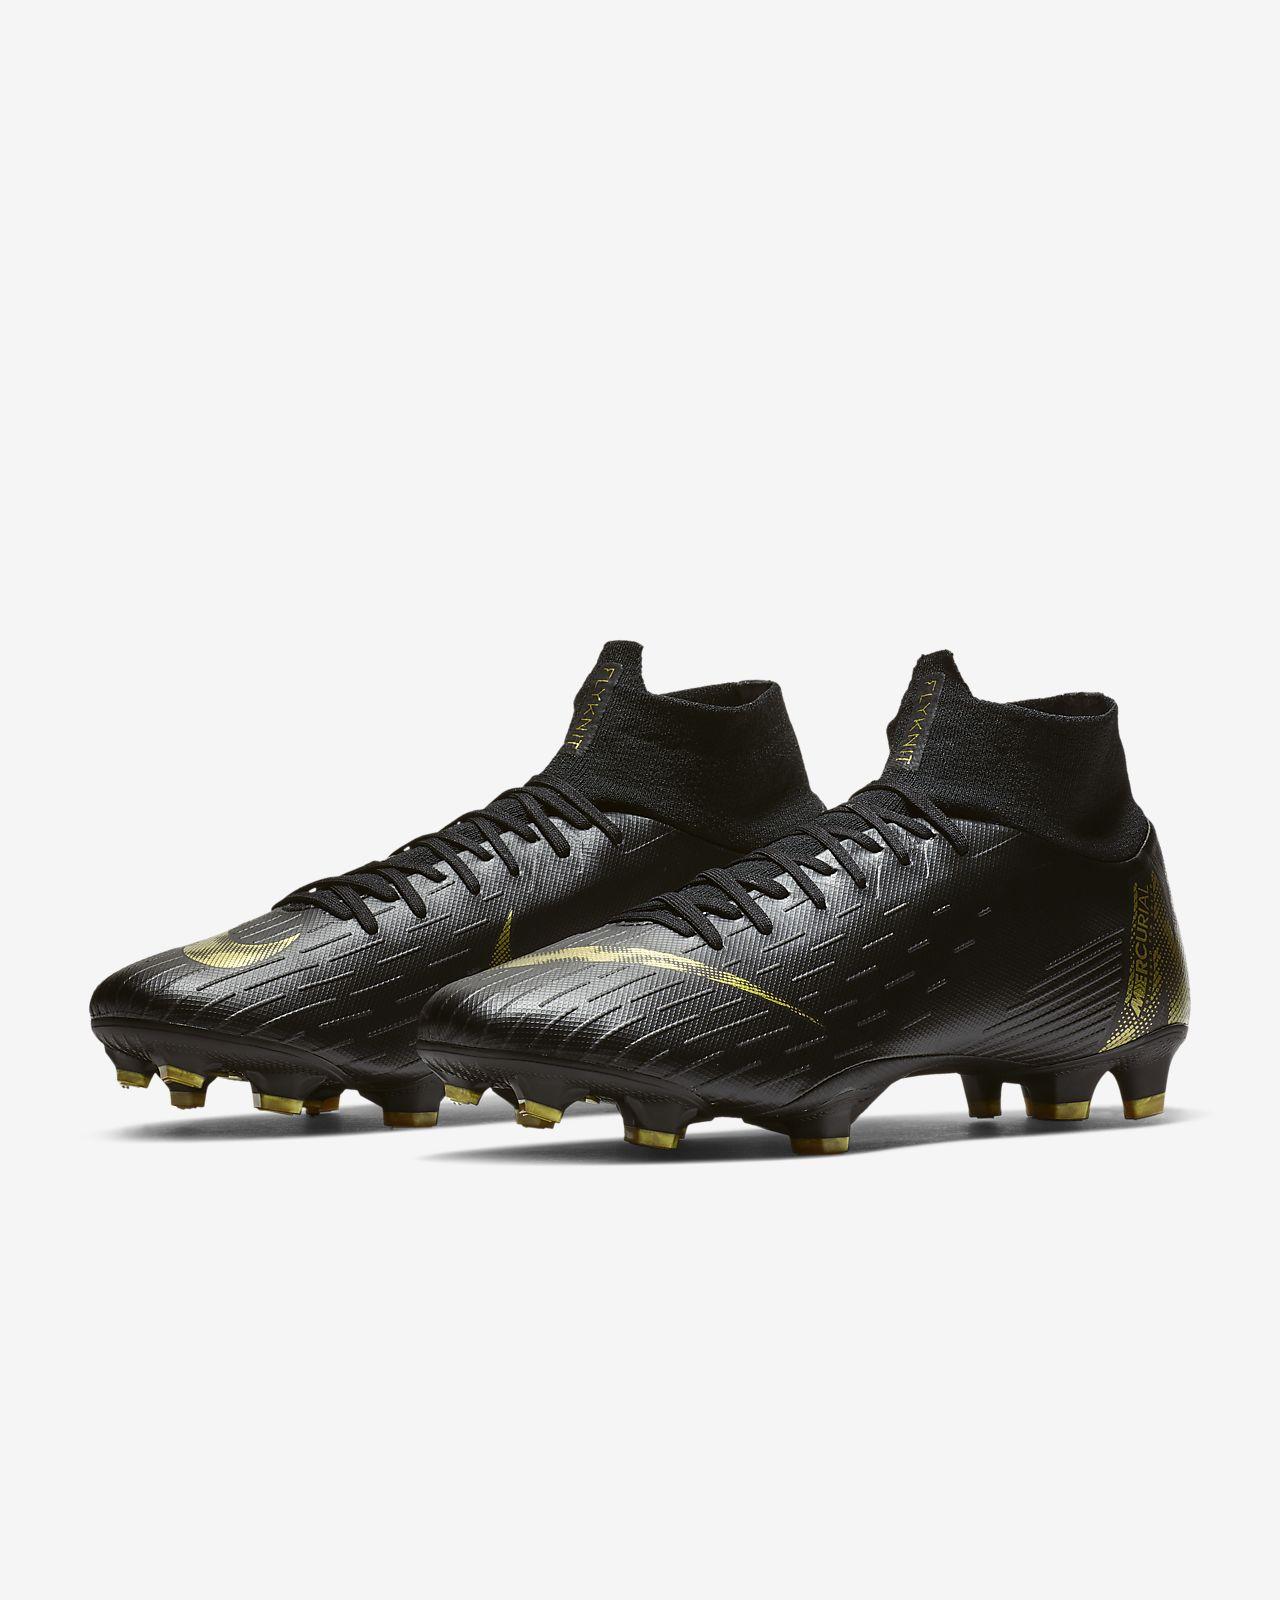 c89941668b9 Calzado de fútbol para terreno firme Nike Superfly 6 Pro FG. Nike.com MX